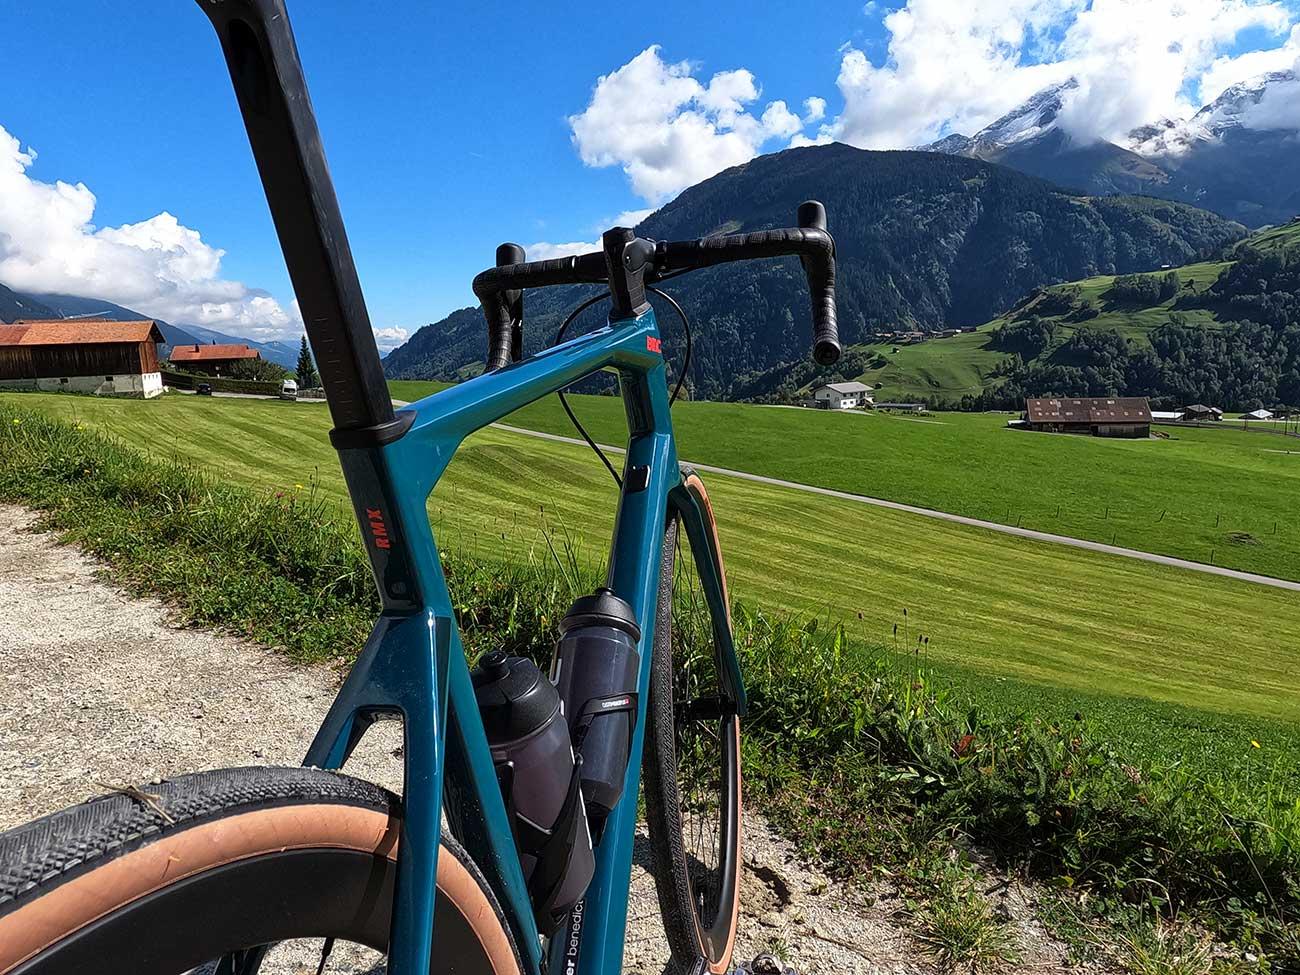 frame details on bmc roadmachine x all road bike